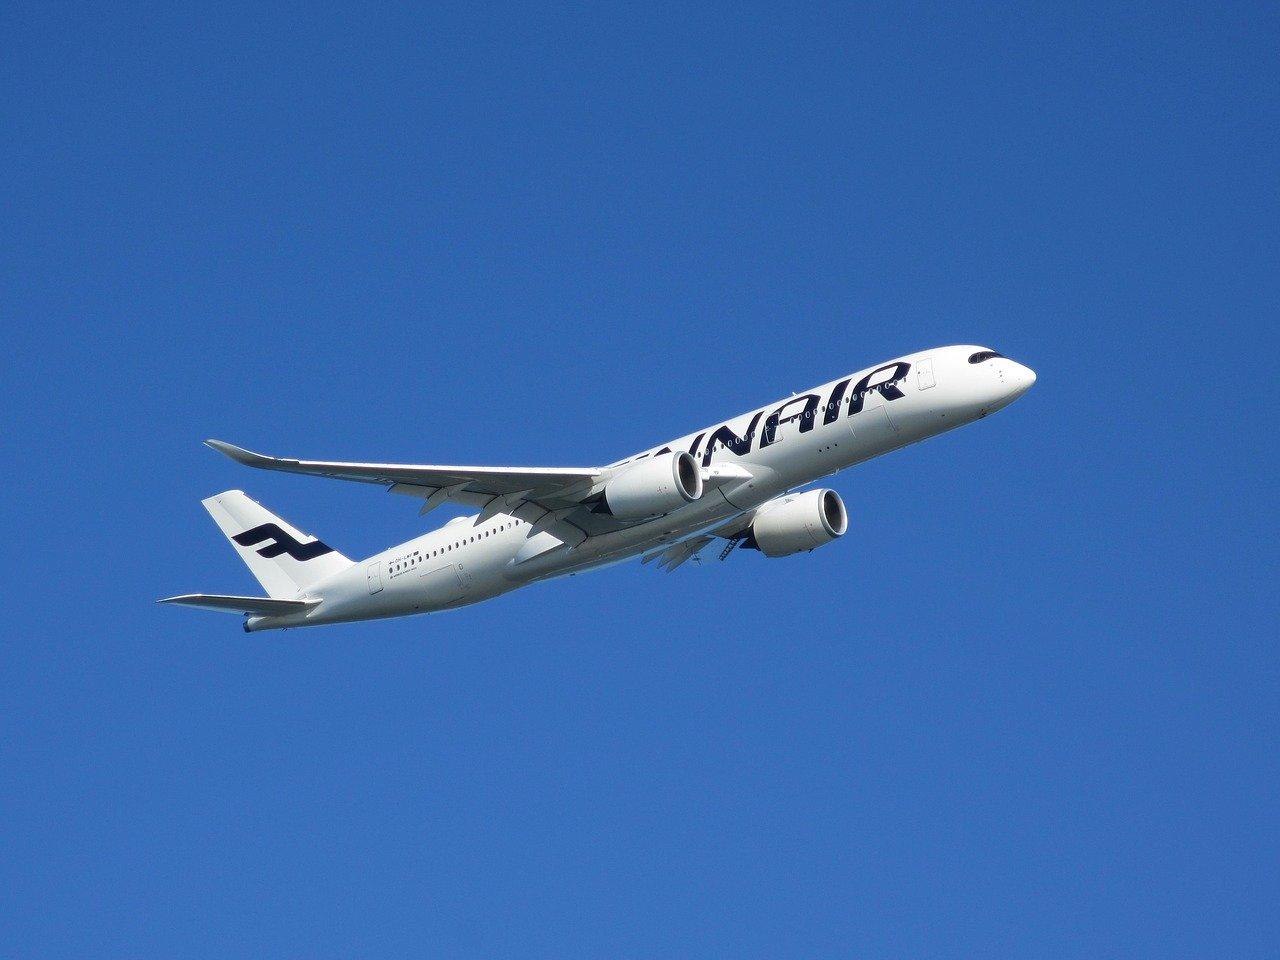 Finnair airplane in the air